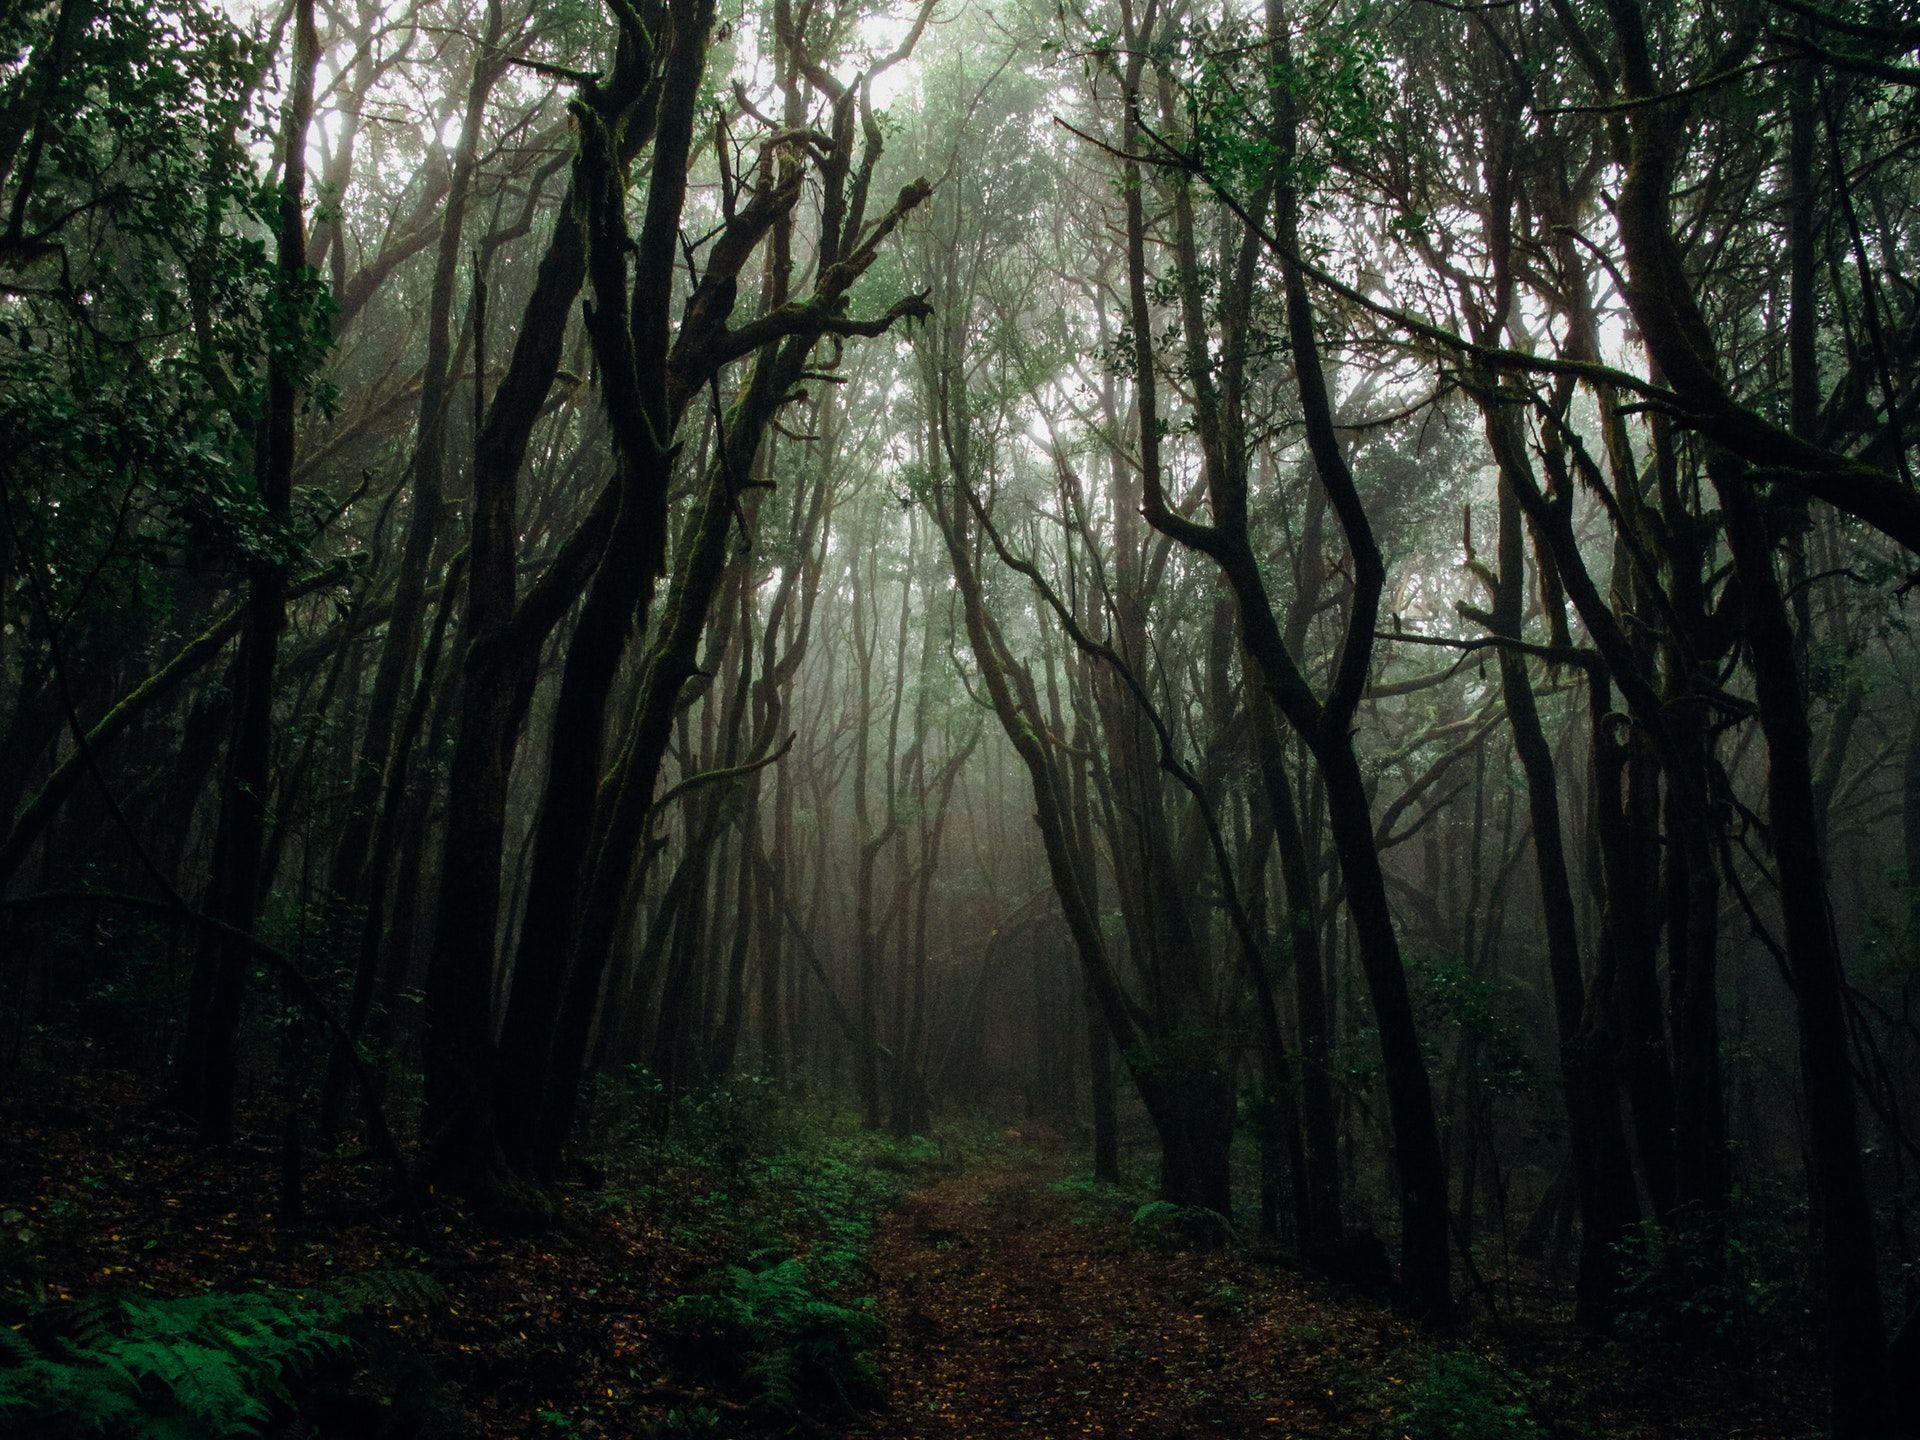 عکس زمینه جنگل تاریک با مه پس زمینه